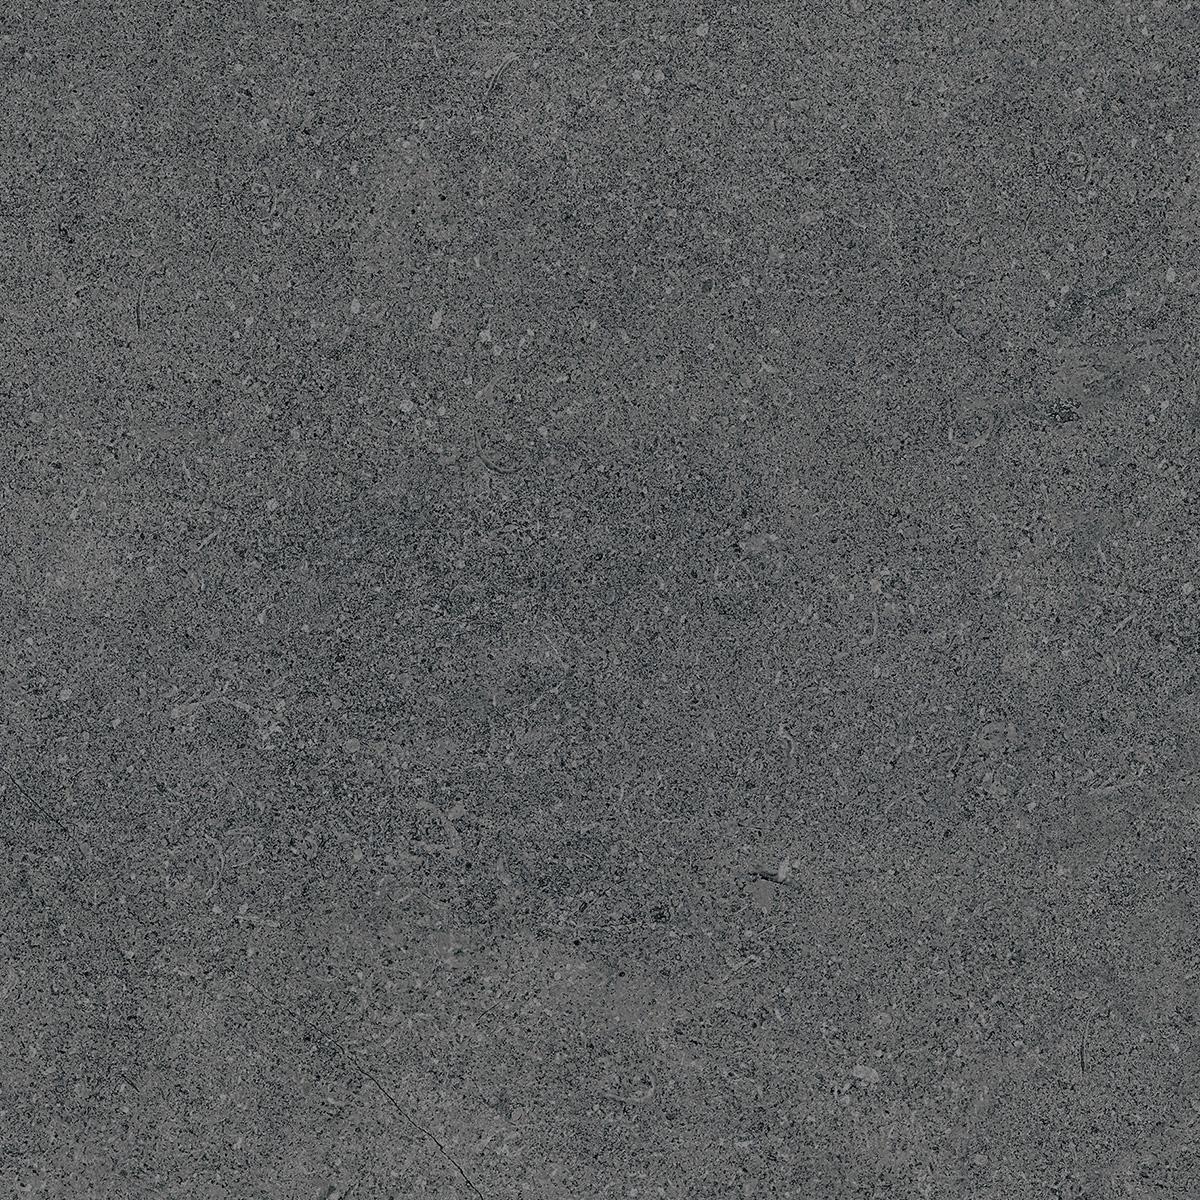 K94645200001VTE0, Newcon, Tummanharmaa, lattia,pakkasenkesto